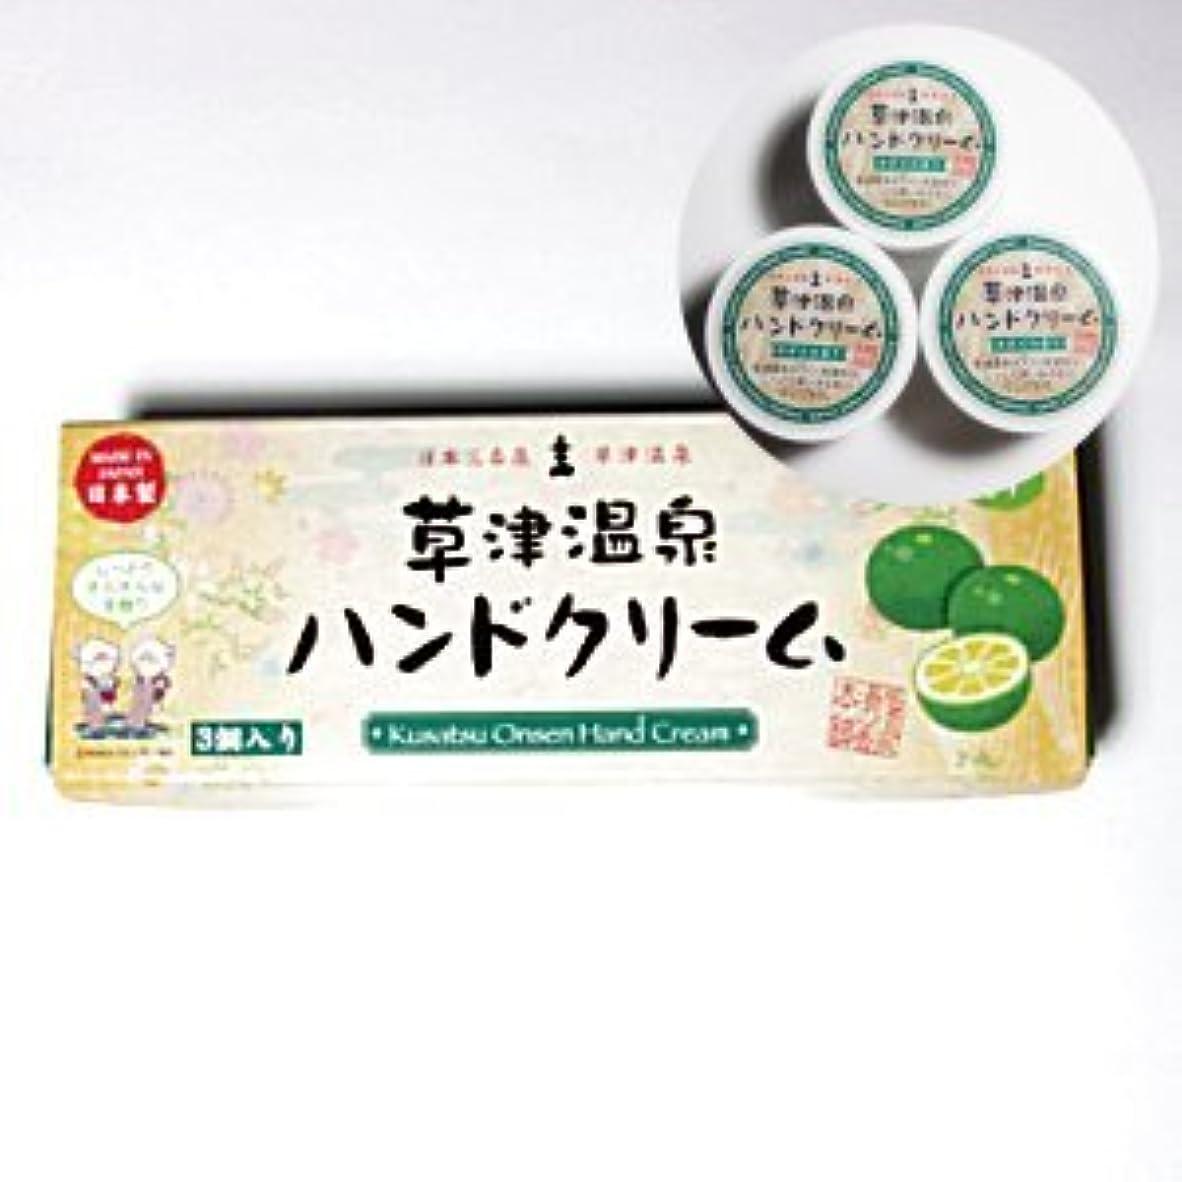 草津温泉ハンドクリーム カボスの香り 15gx3